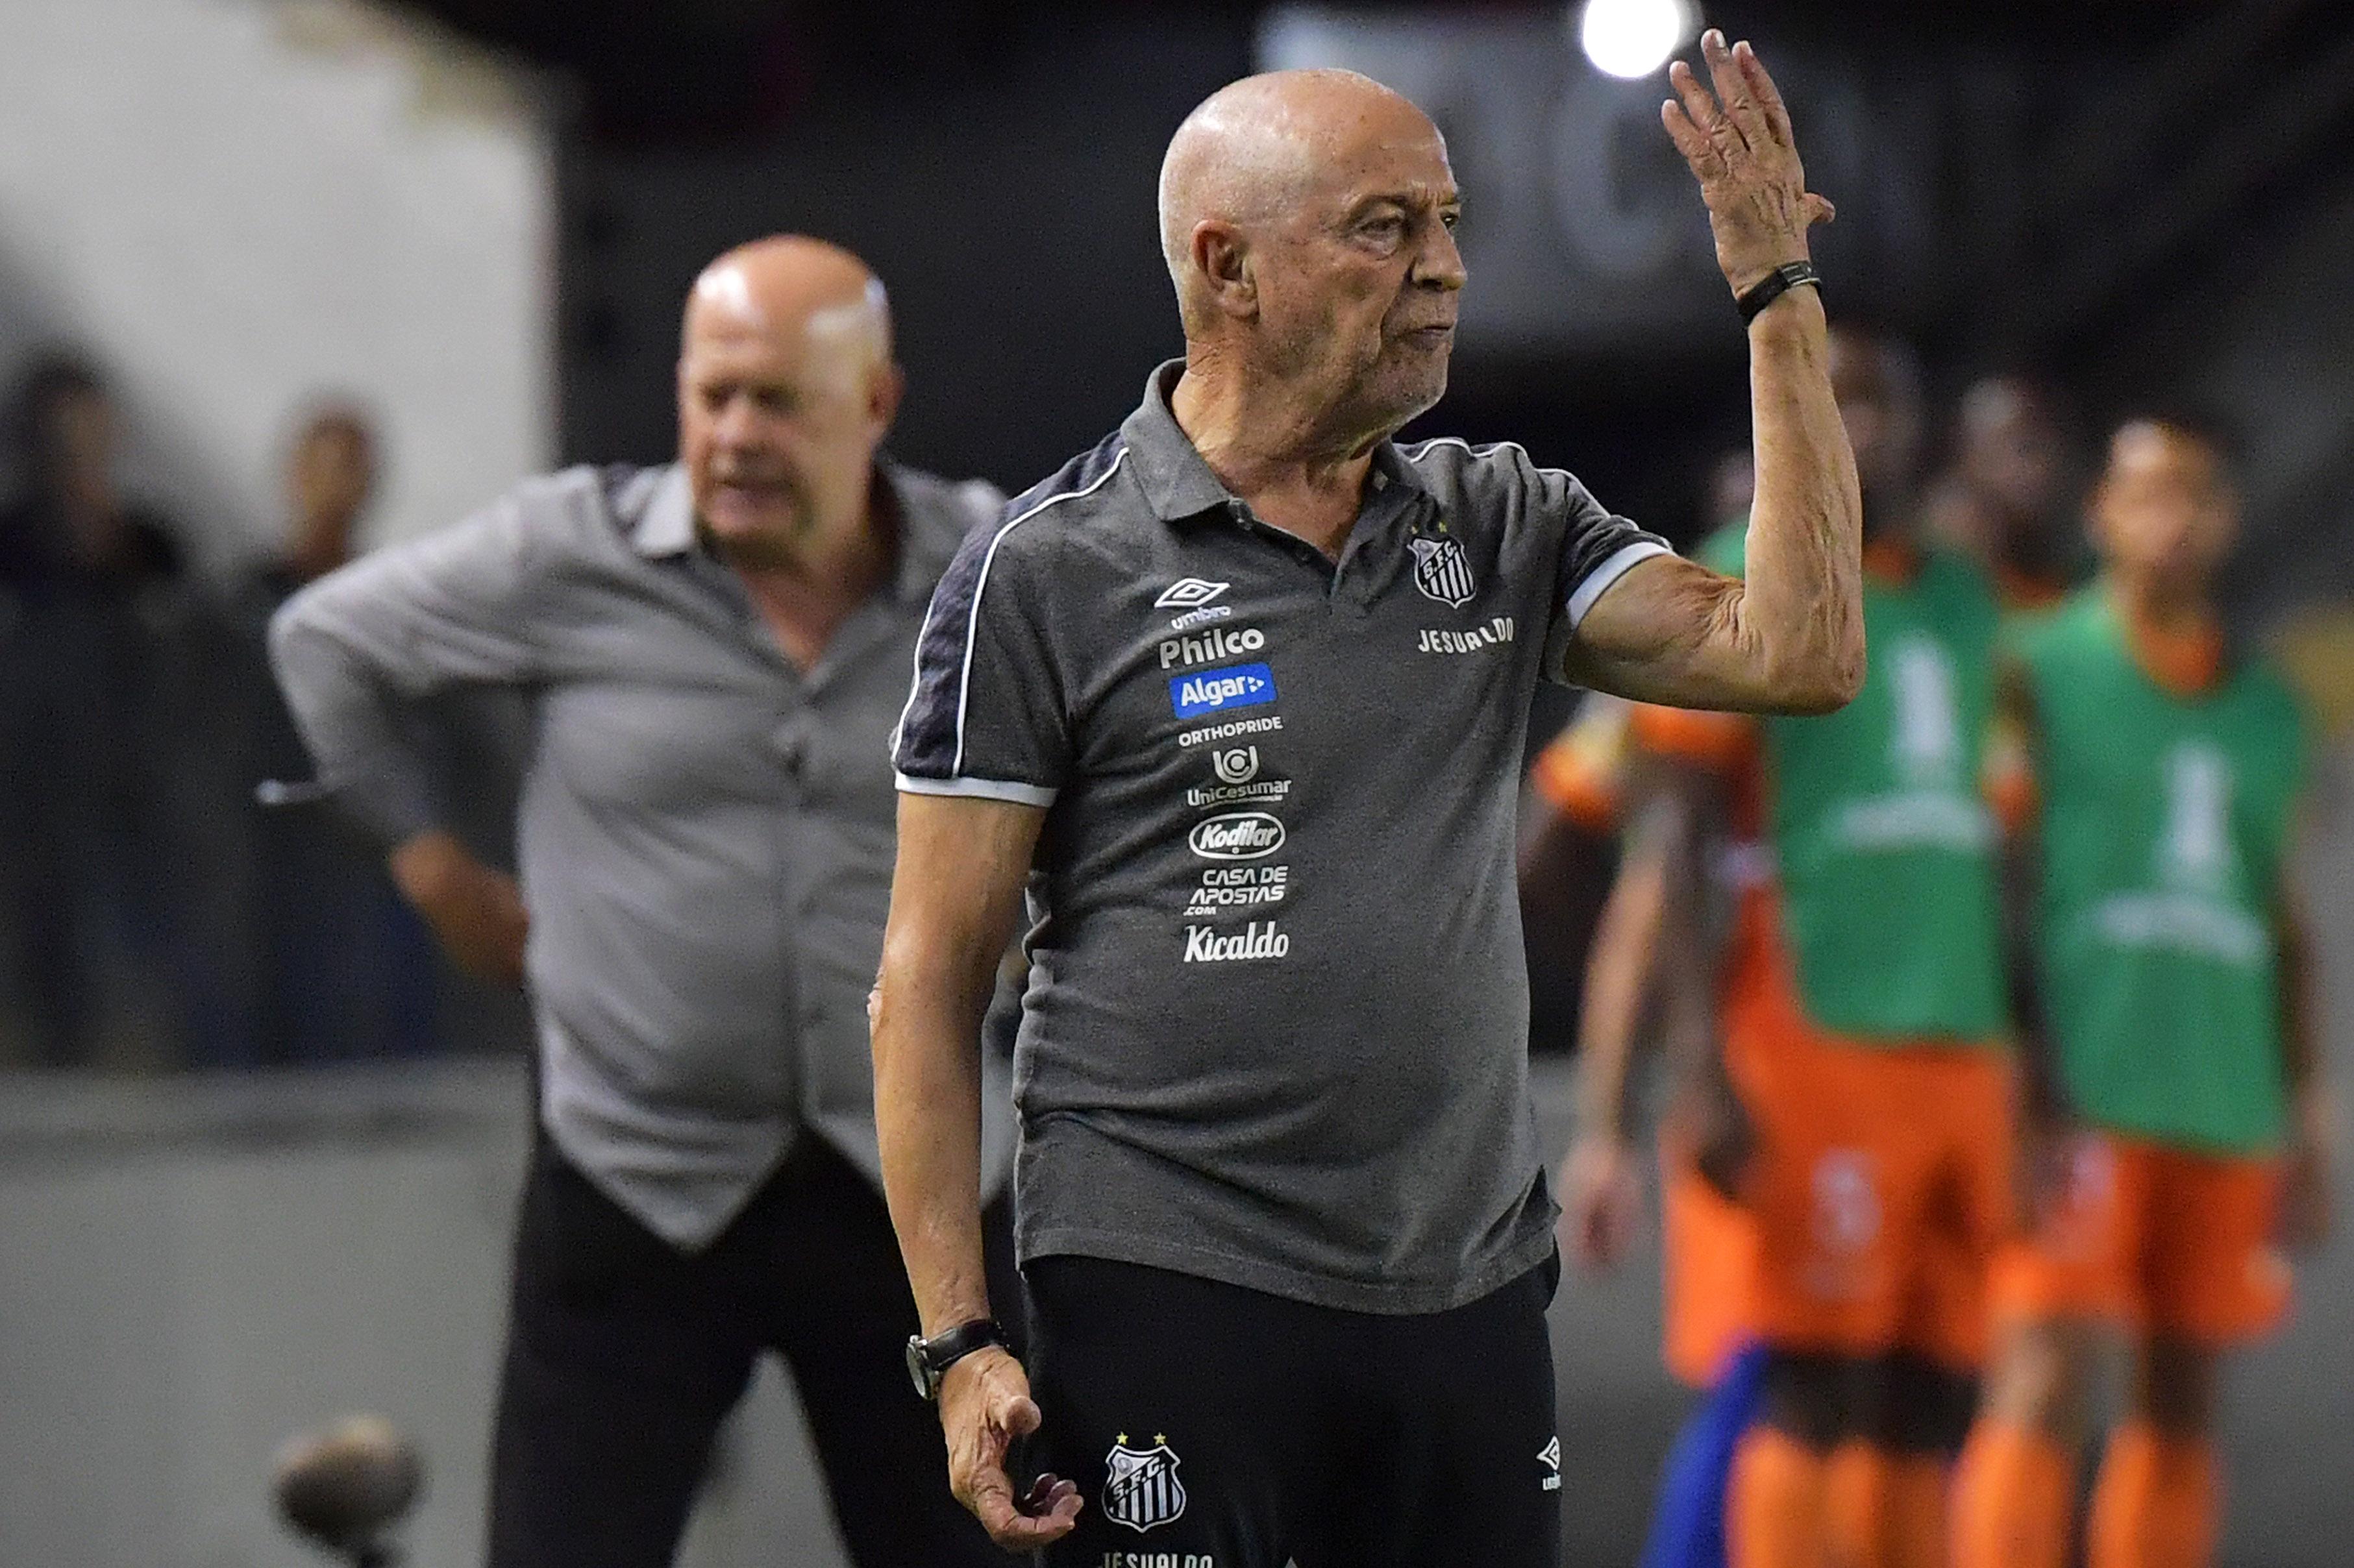 Jesualdo espera que o Farense de Sérgio Vieira possa subir de divisão